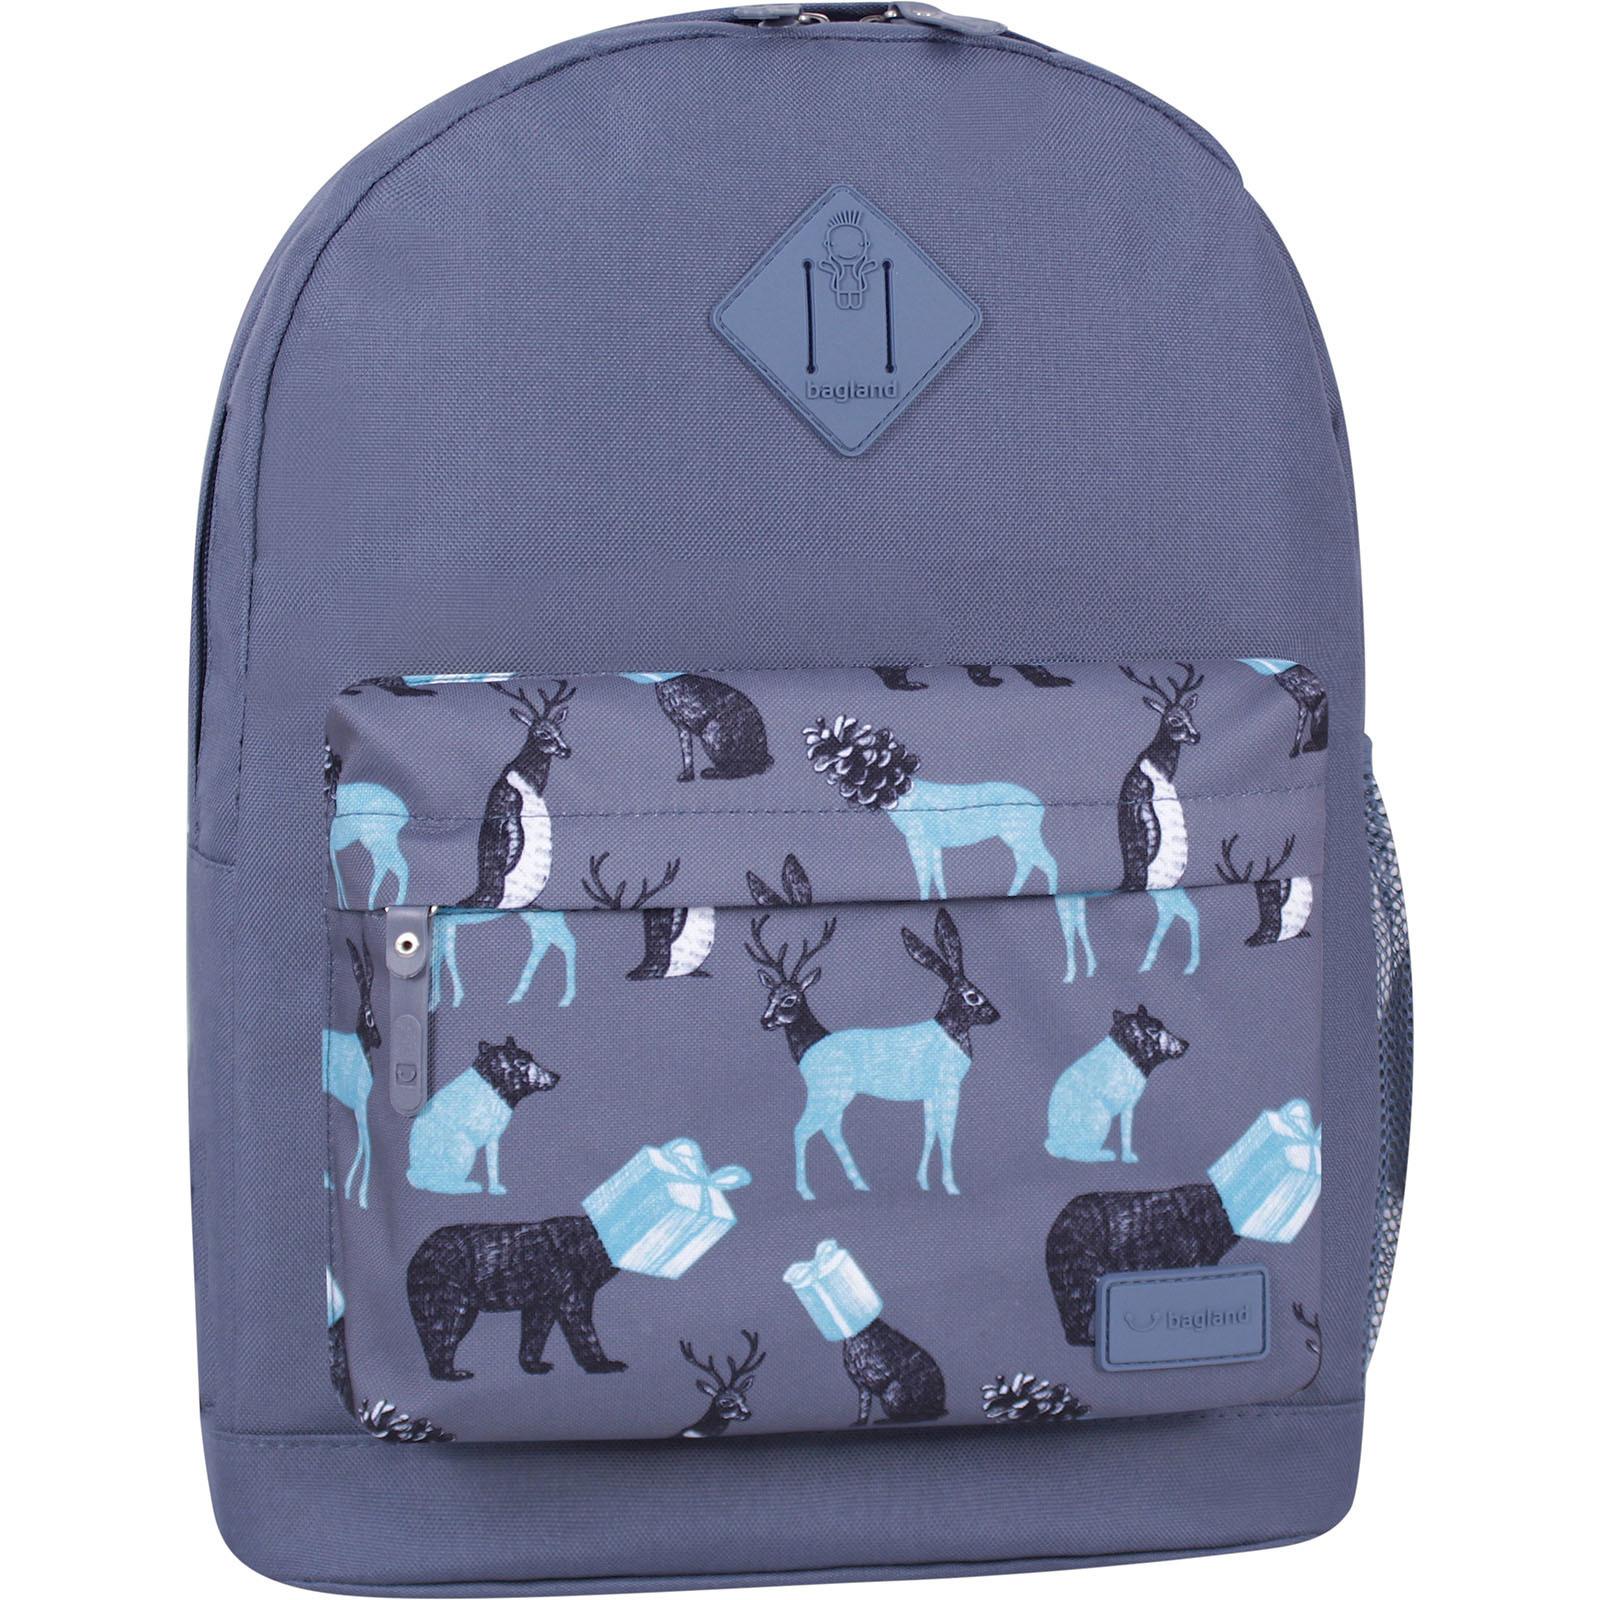 Молодежные рюкзаки Рюкзак Bagland Молодежный W/R 17 л. Серый 740 (00533662) IMG_6365_суб.ю740_.JPG